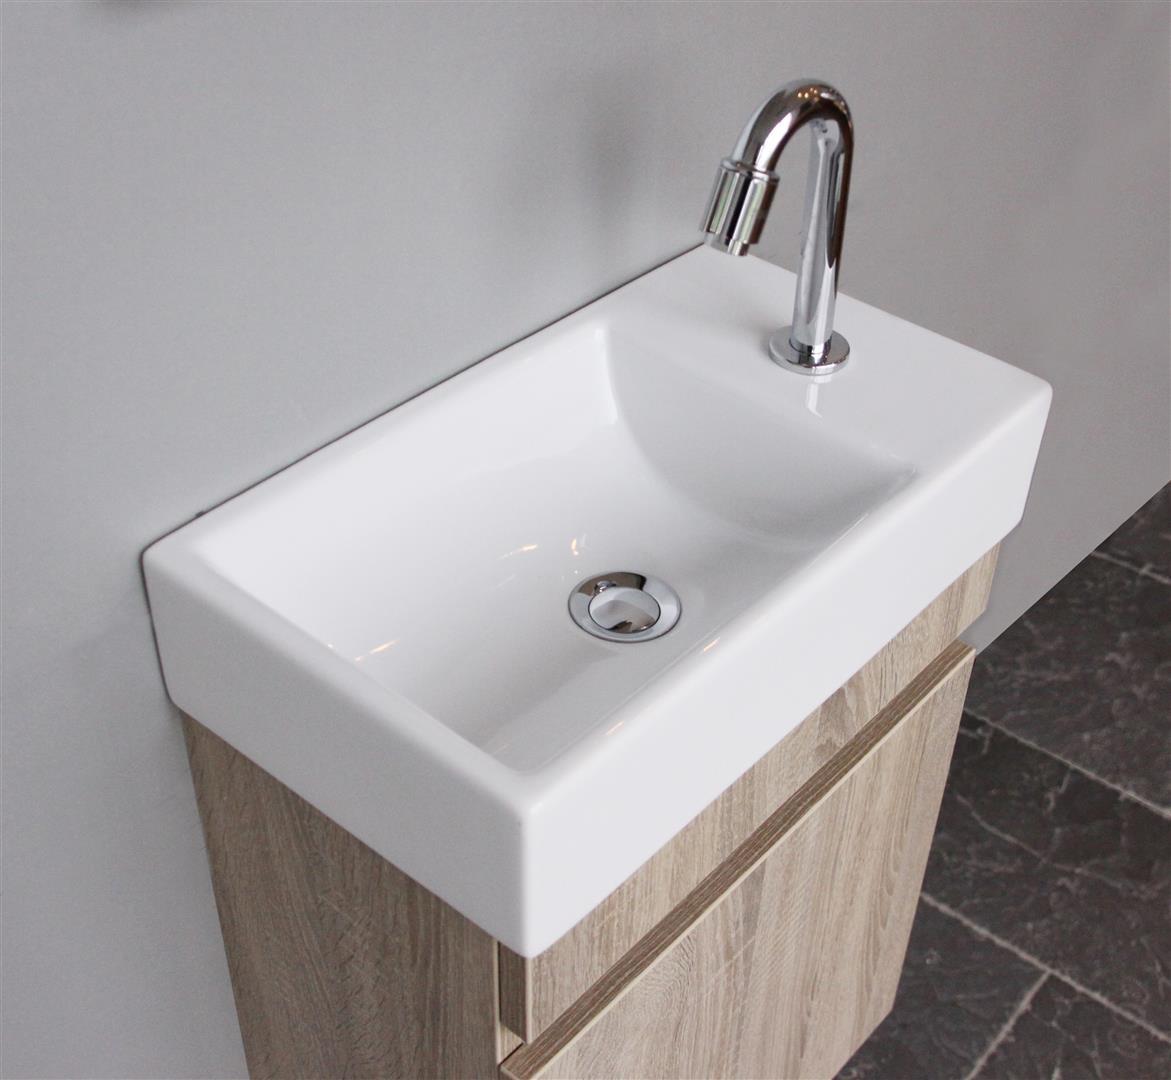 Uitzonderlijk Toiletmeubelen - Collectie - Thebalux badkamermeubelen QQ63